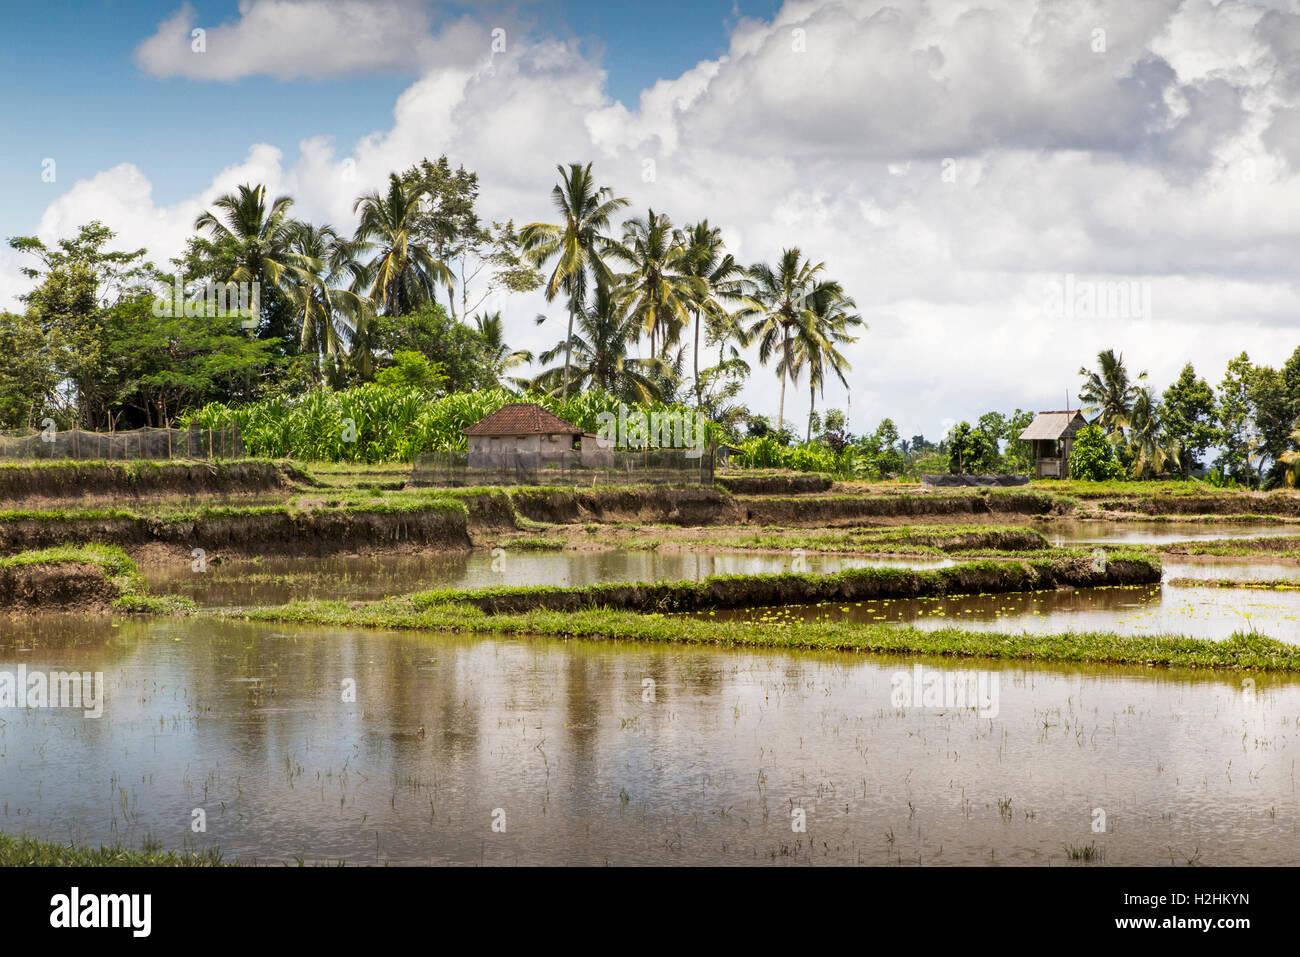 L'Indonésie, Centre de Bali, les rizières irriguées, Pupuan inondé avec de l'eau prêt à planter du riz Banque D'Images